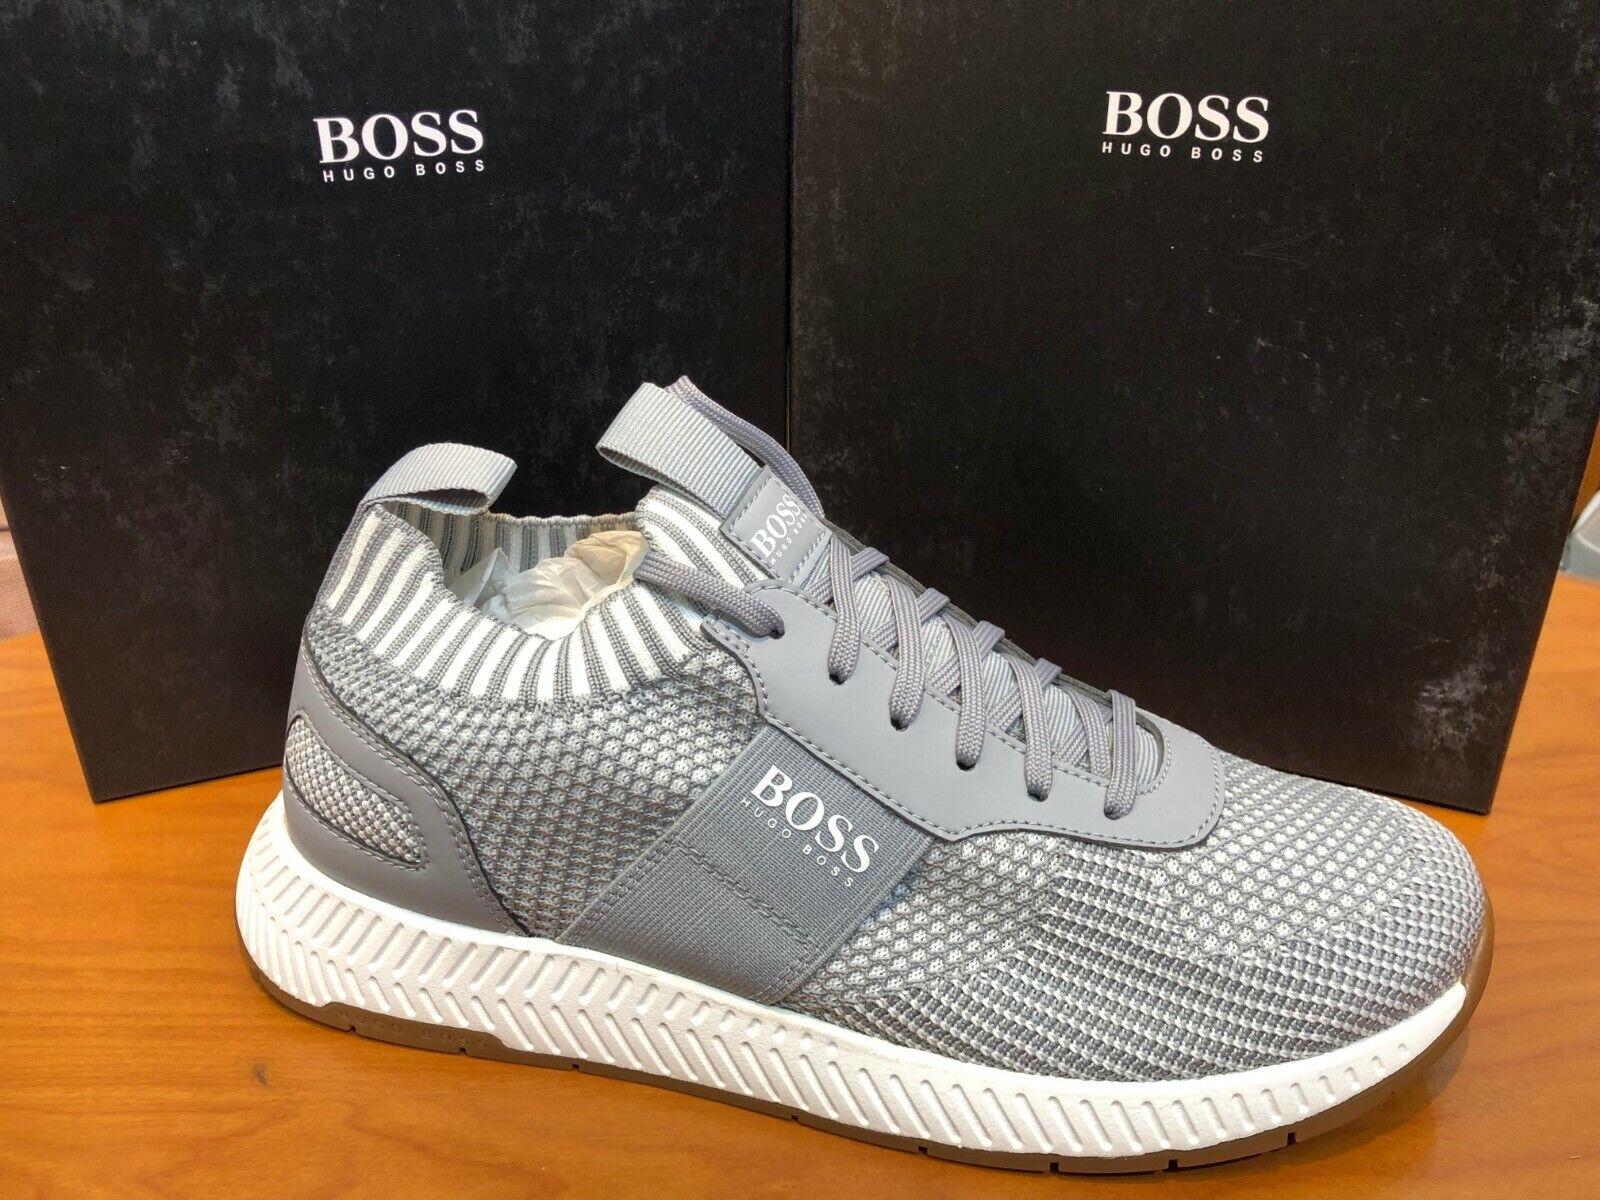 BOSS HUGO BOSS Uomo scarpe da ginnastica Athleisure Titanium Runn Runn Runn Scafe In 050 Pastel grigio 011b6b